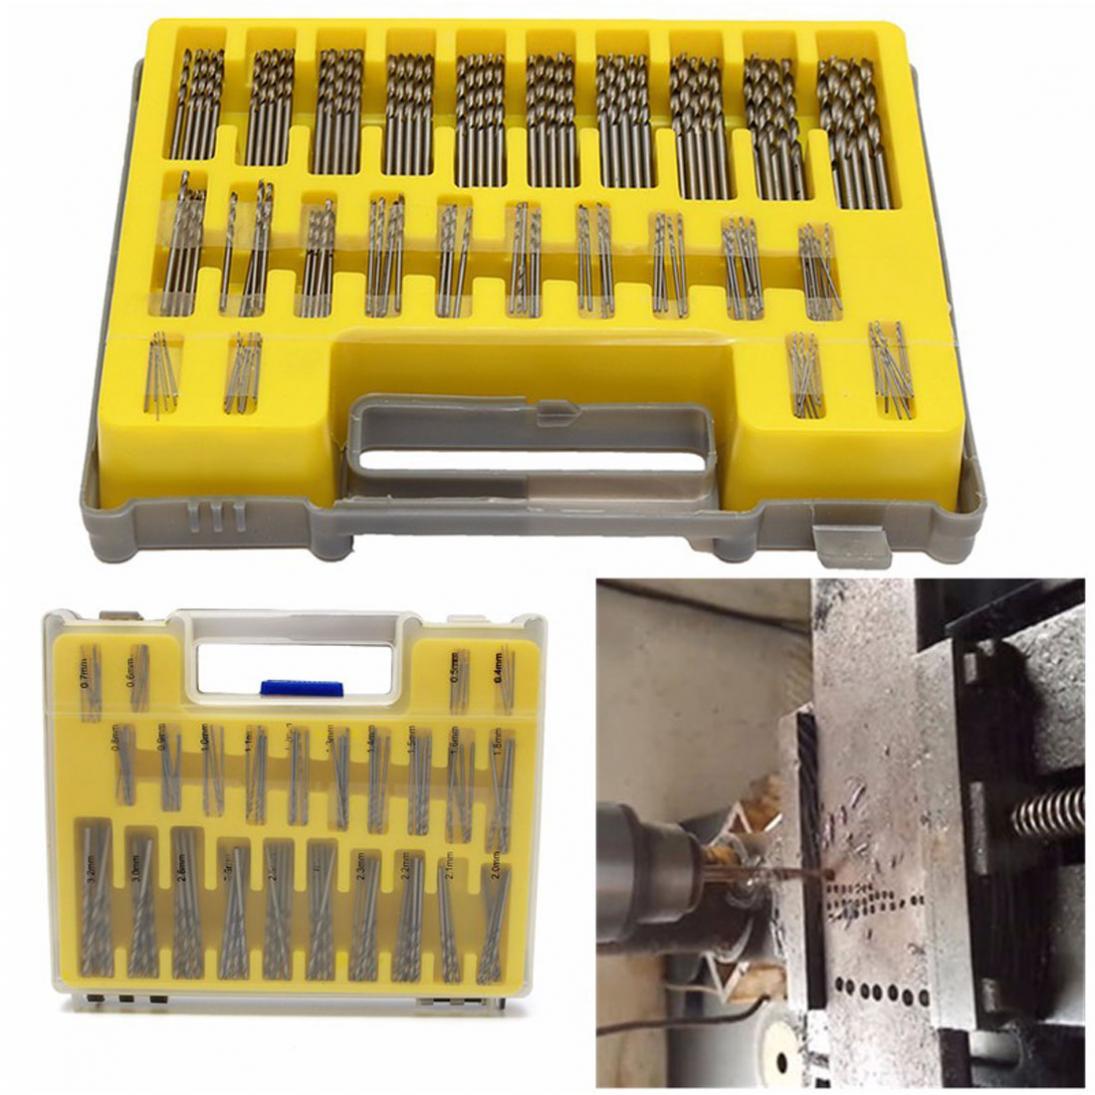 Portable Mini Small Tool kit 150pcs  0.4mm-3.175mm HSS Material Power Rotary Micro Twist Precision Drill Bit Set new 10pcs jobbers mini micro hss twist drill bits 0 5 3mm for wood pcb presses drilling dremel rotary tools